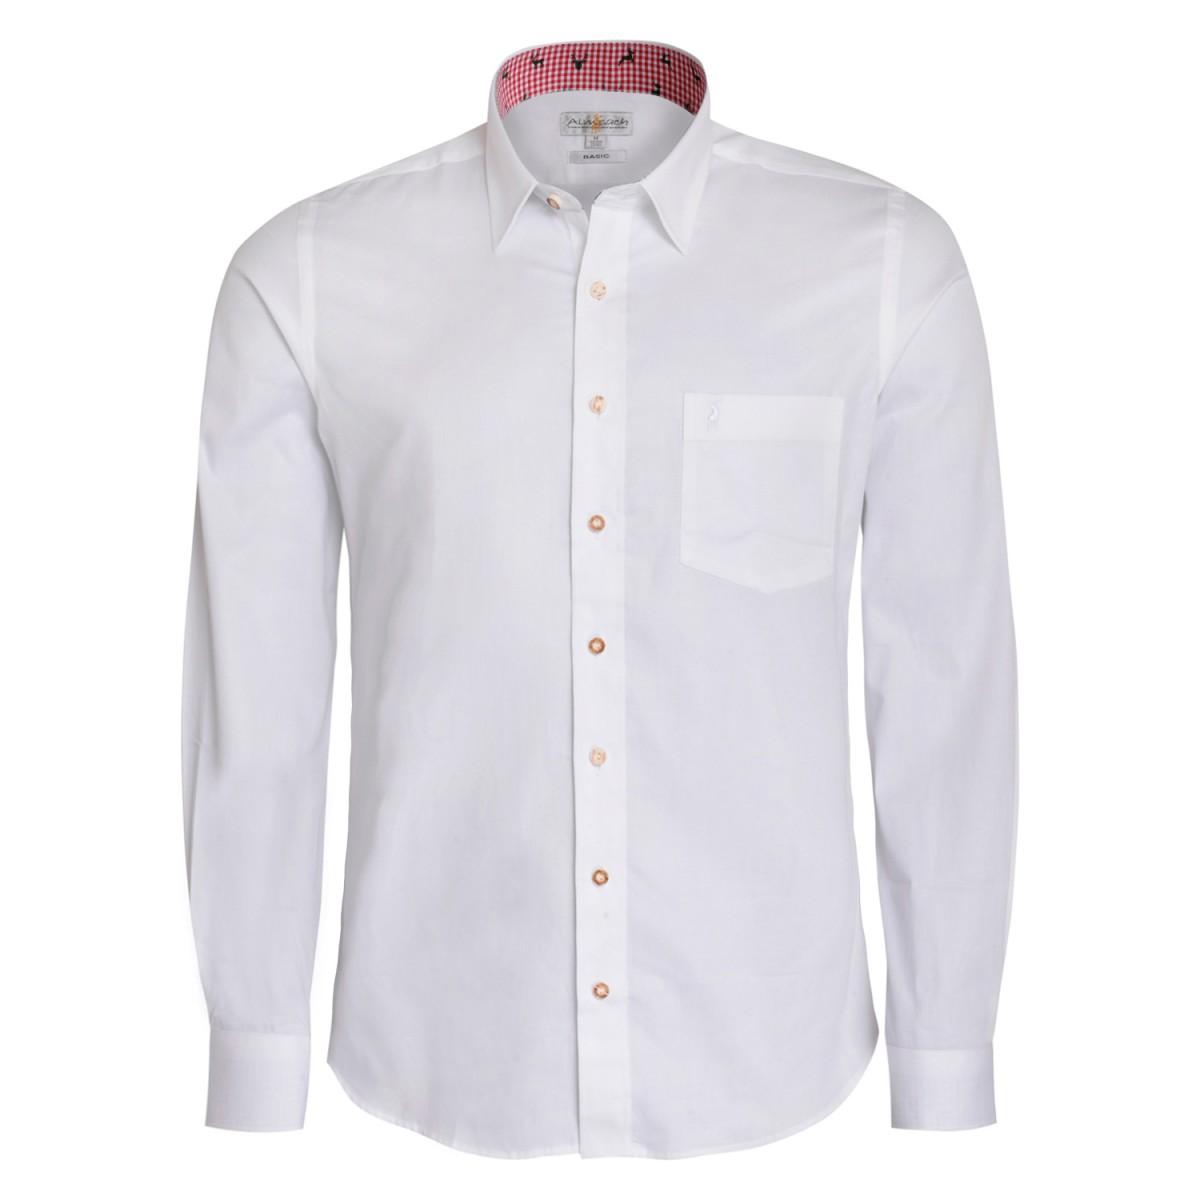 Trachtenhemd Regular Fit zweifarbig in Weiß und Rot von Almsach